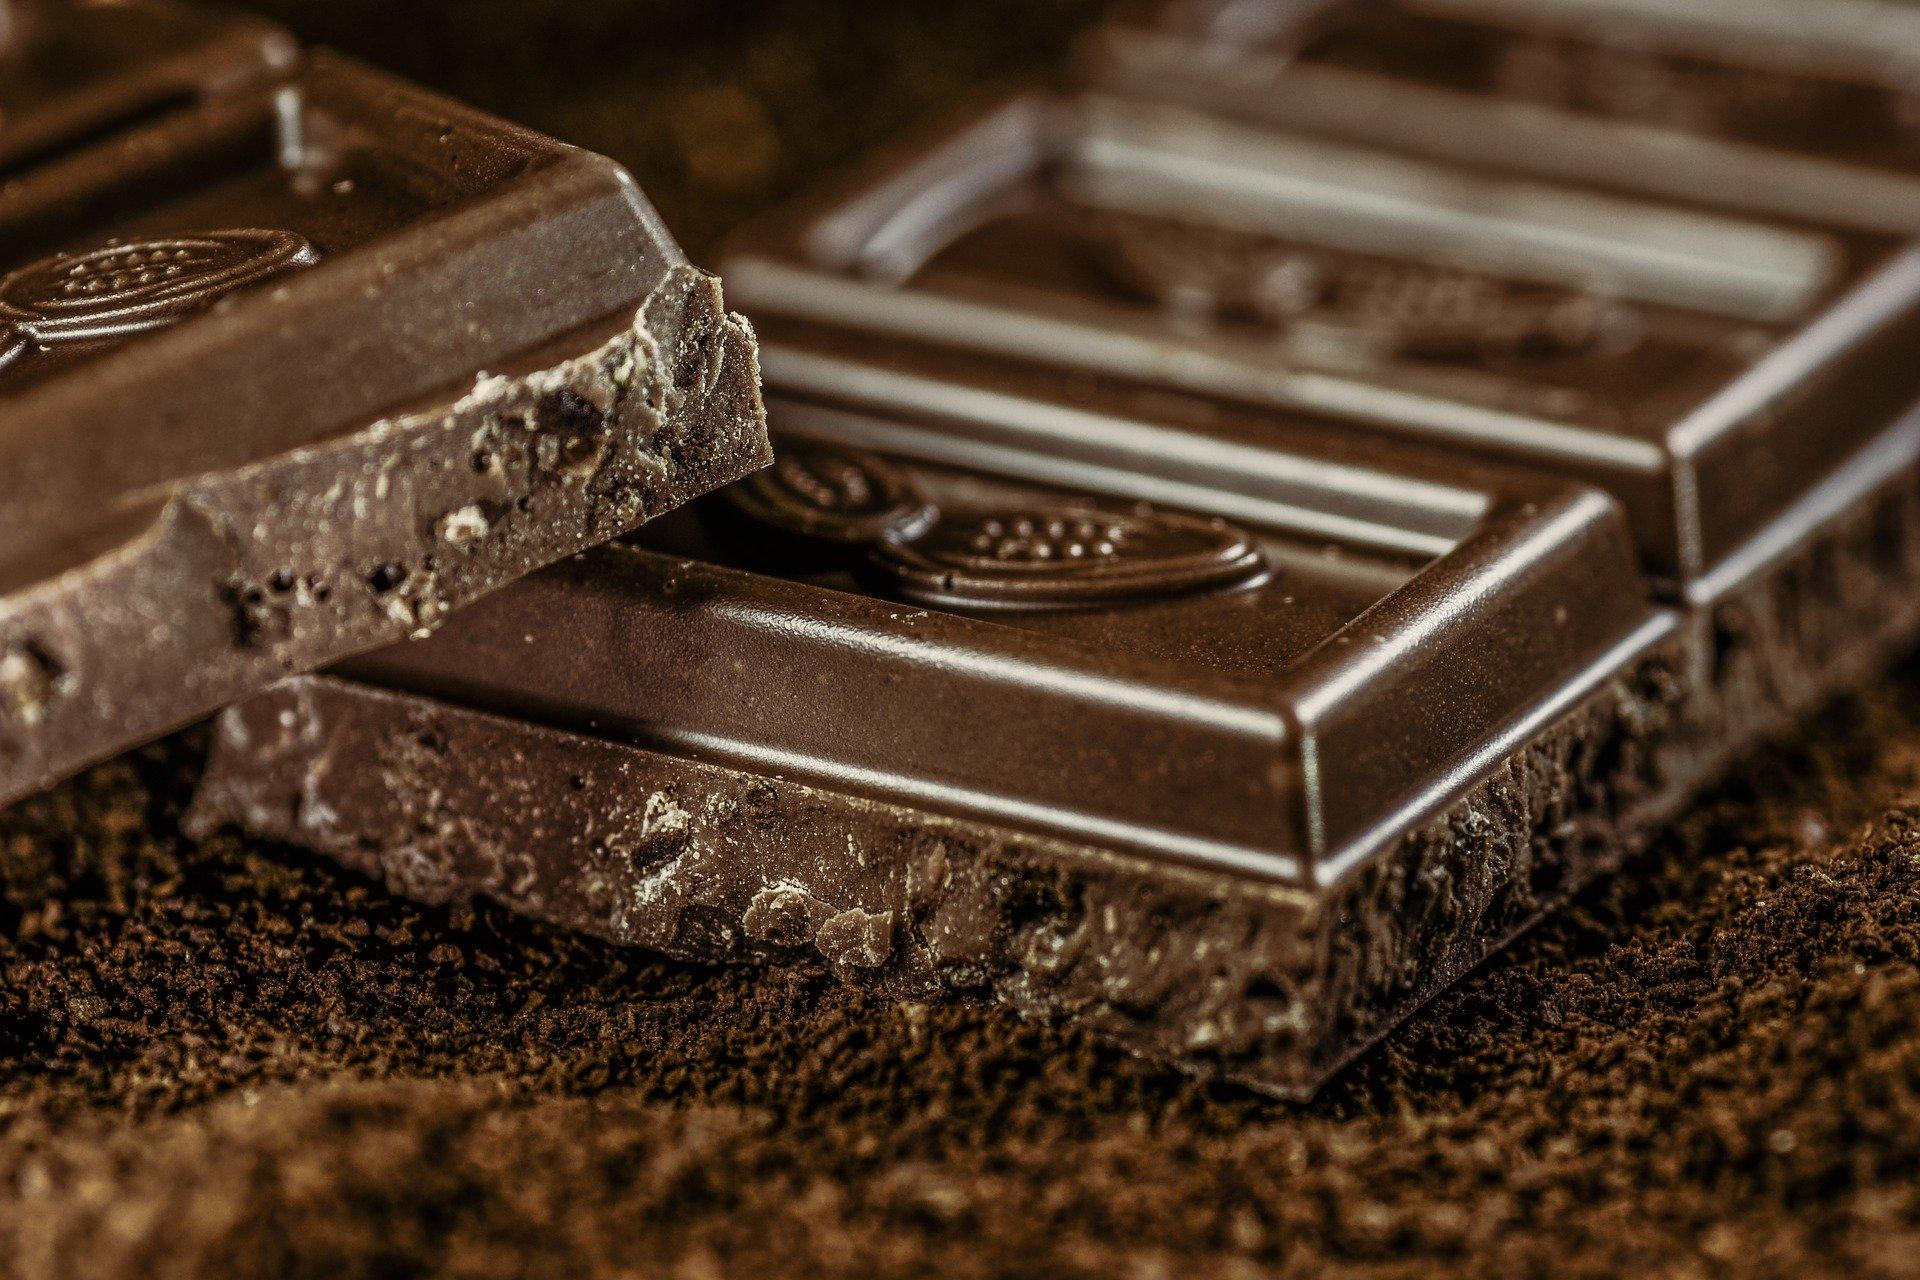 オーガニックチョコレートとは?おすすめ・砂糖不使用チョコも紹介